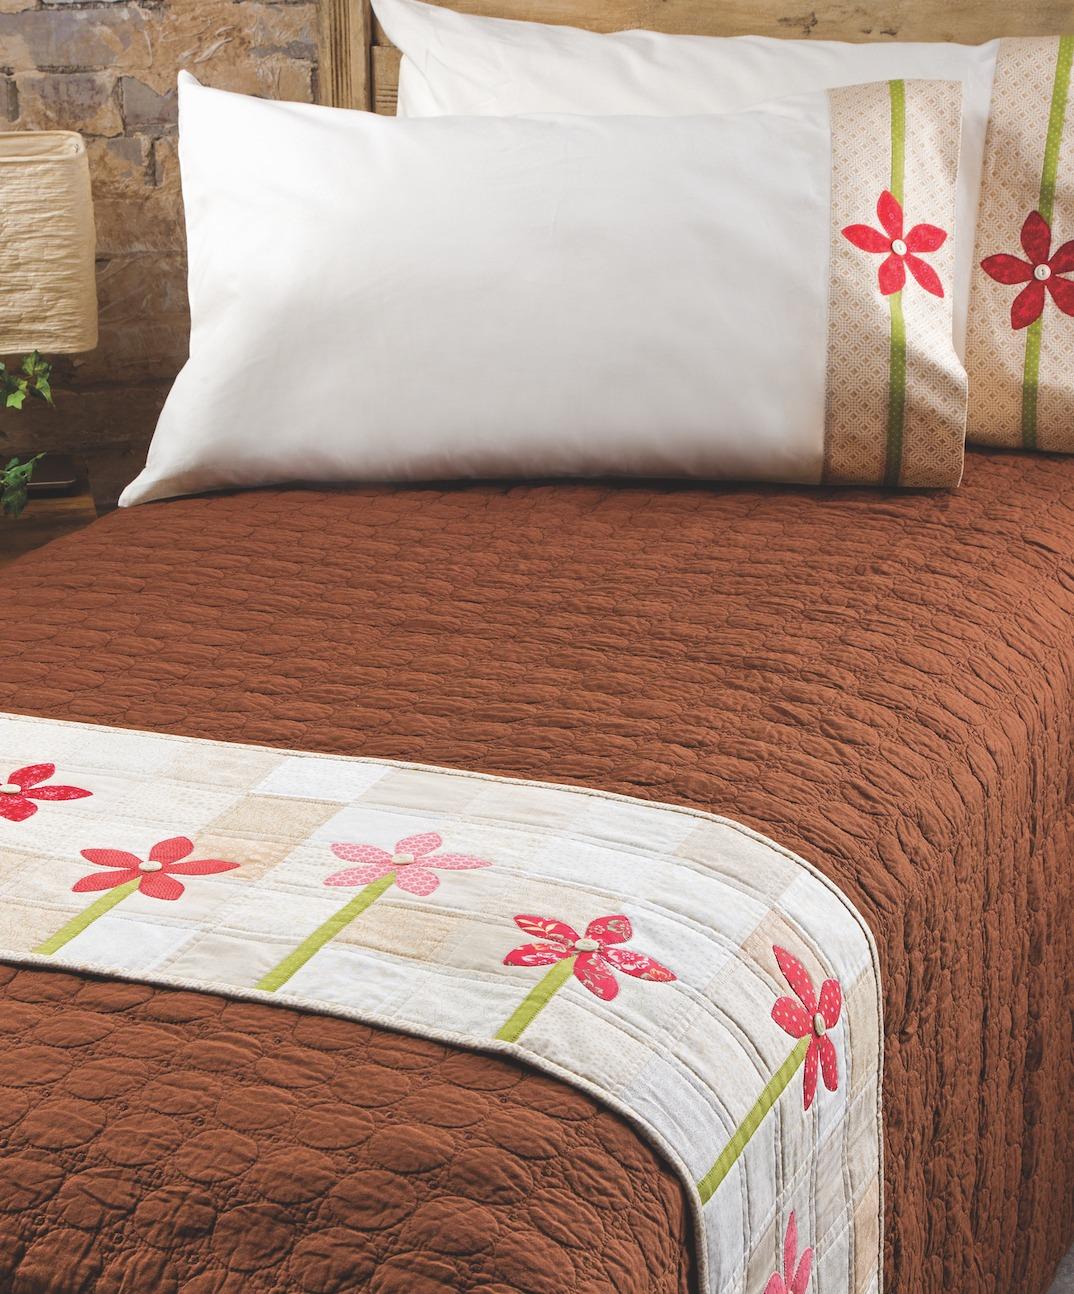 growing flower quilt bed runner pillowcase